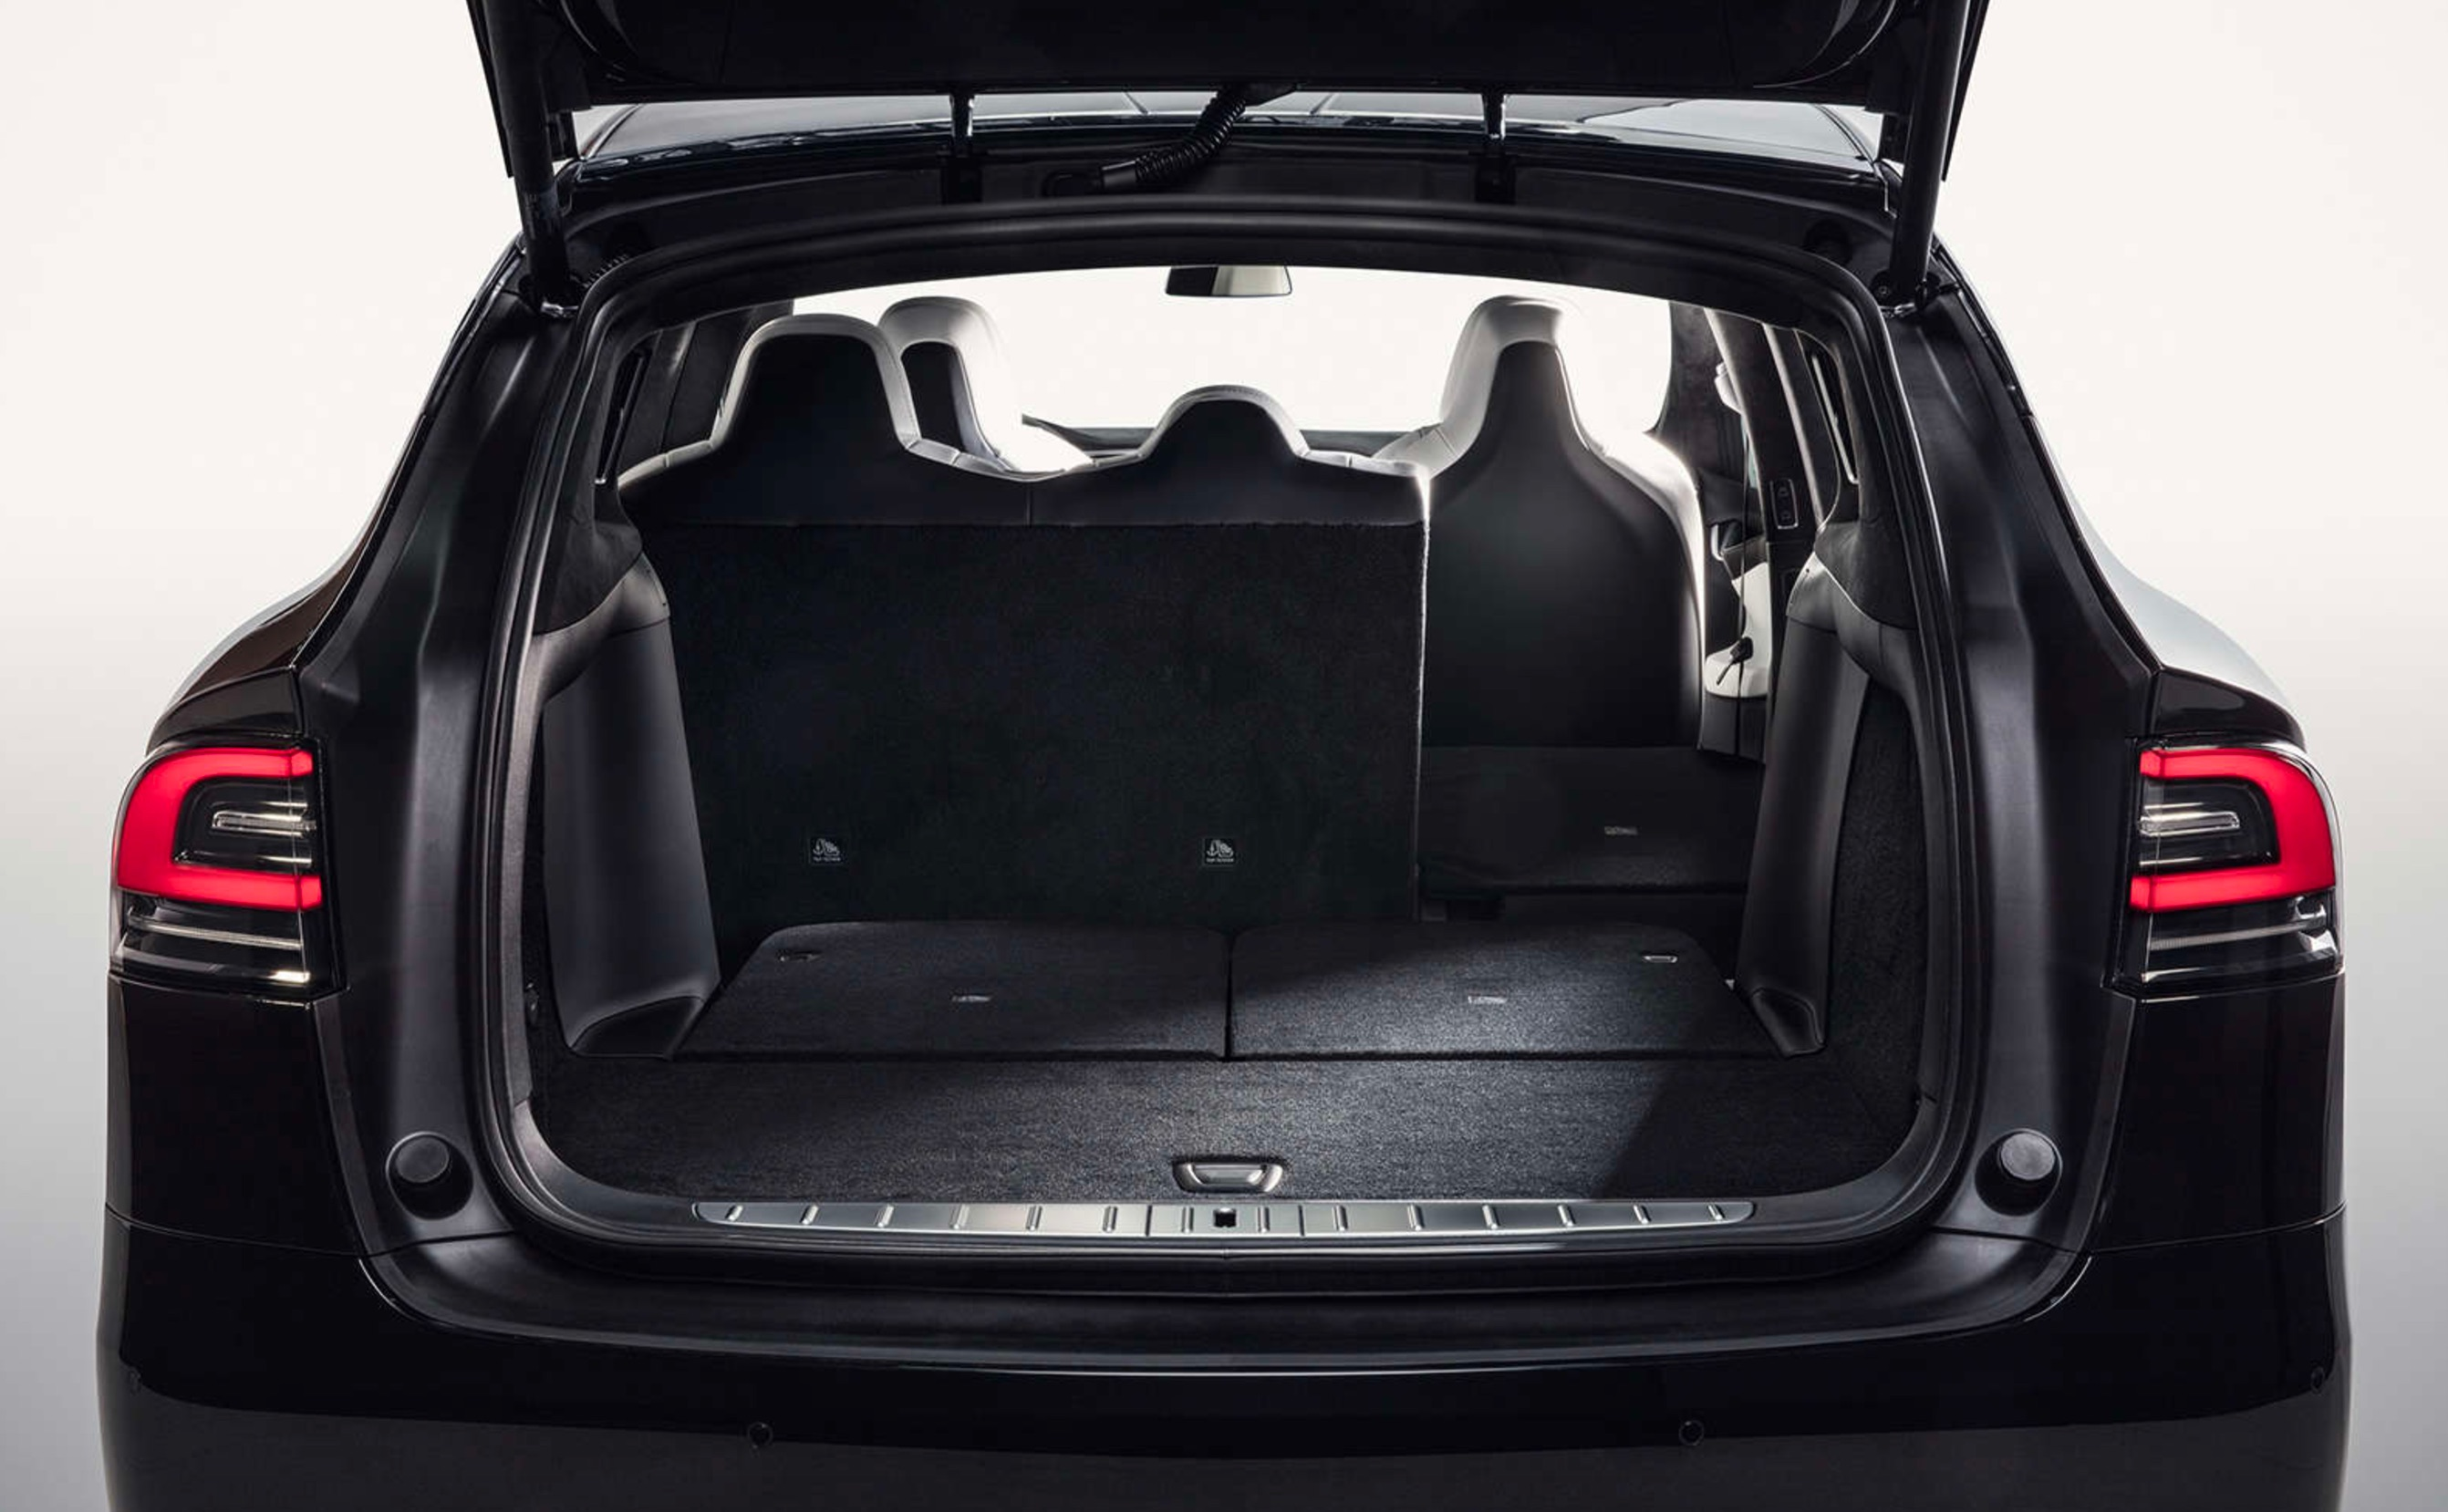 teszla-model-x-fold-flat-seats-7-split